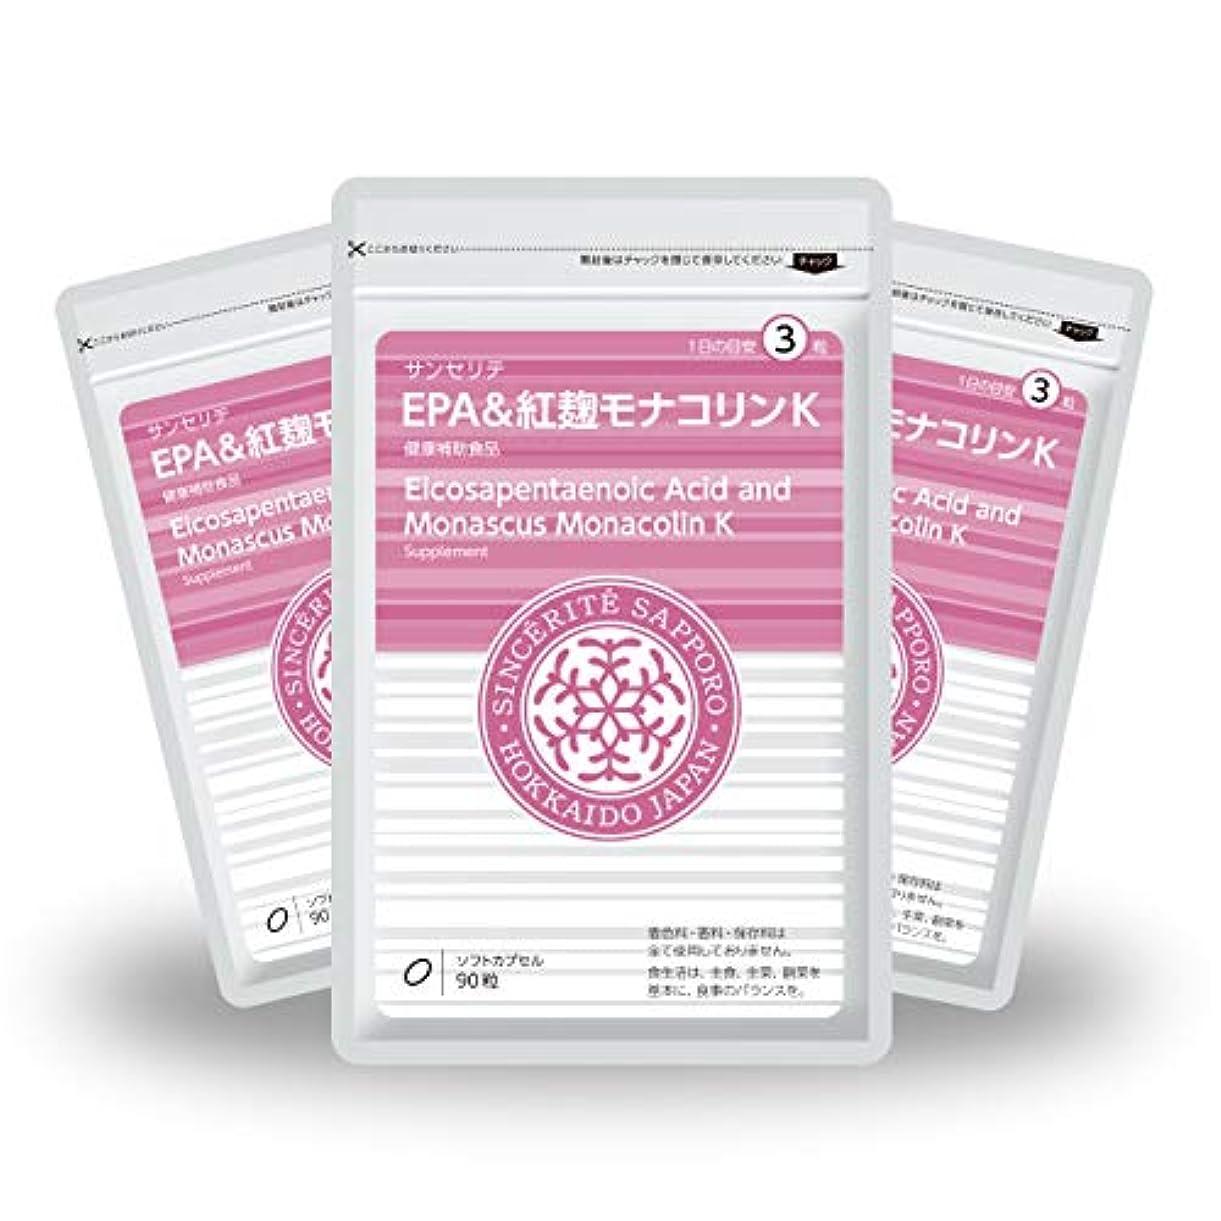 団結する彼らの彼EPA&紅麹モナコリンK 3袋セット[送料無料][EPA]200mg配合[国内製造]お得な★90日分